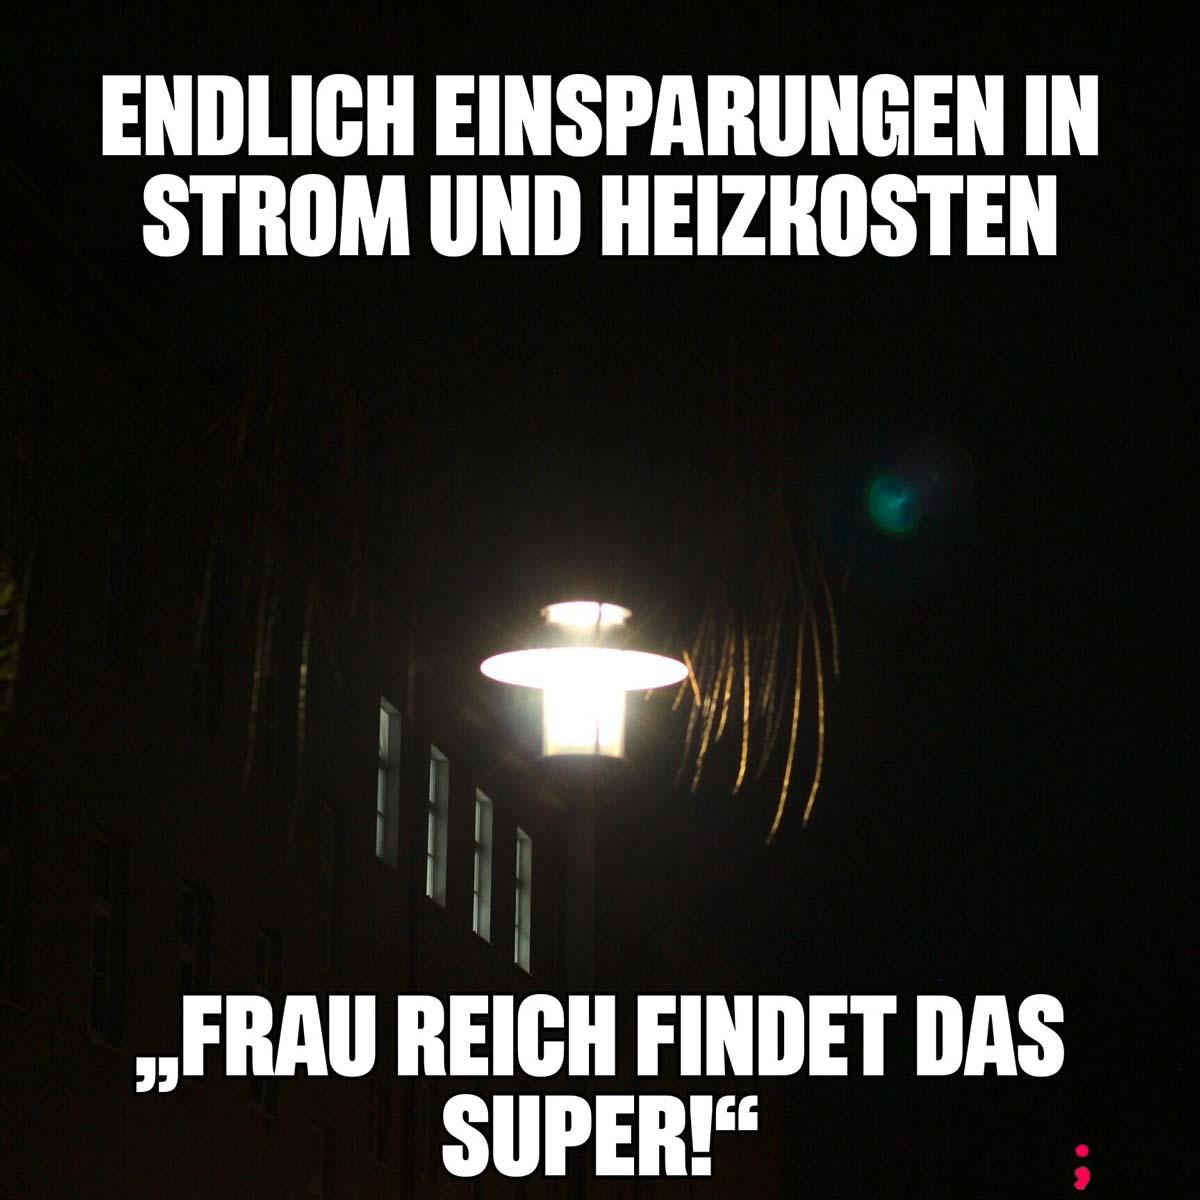 Endlich Einsparungen in Strom und Heizkosten, Frau Reich findet das Super